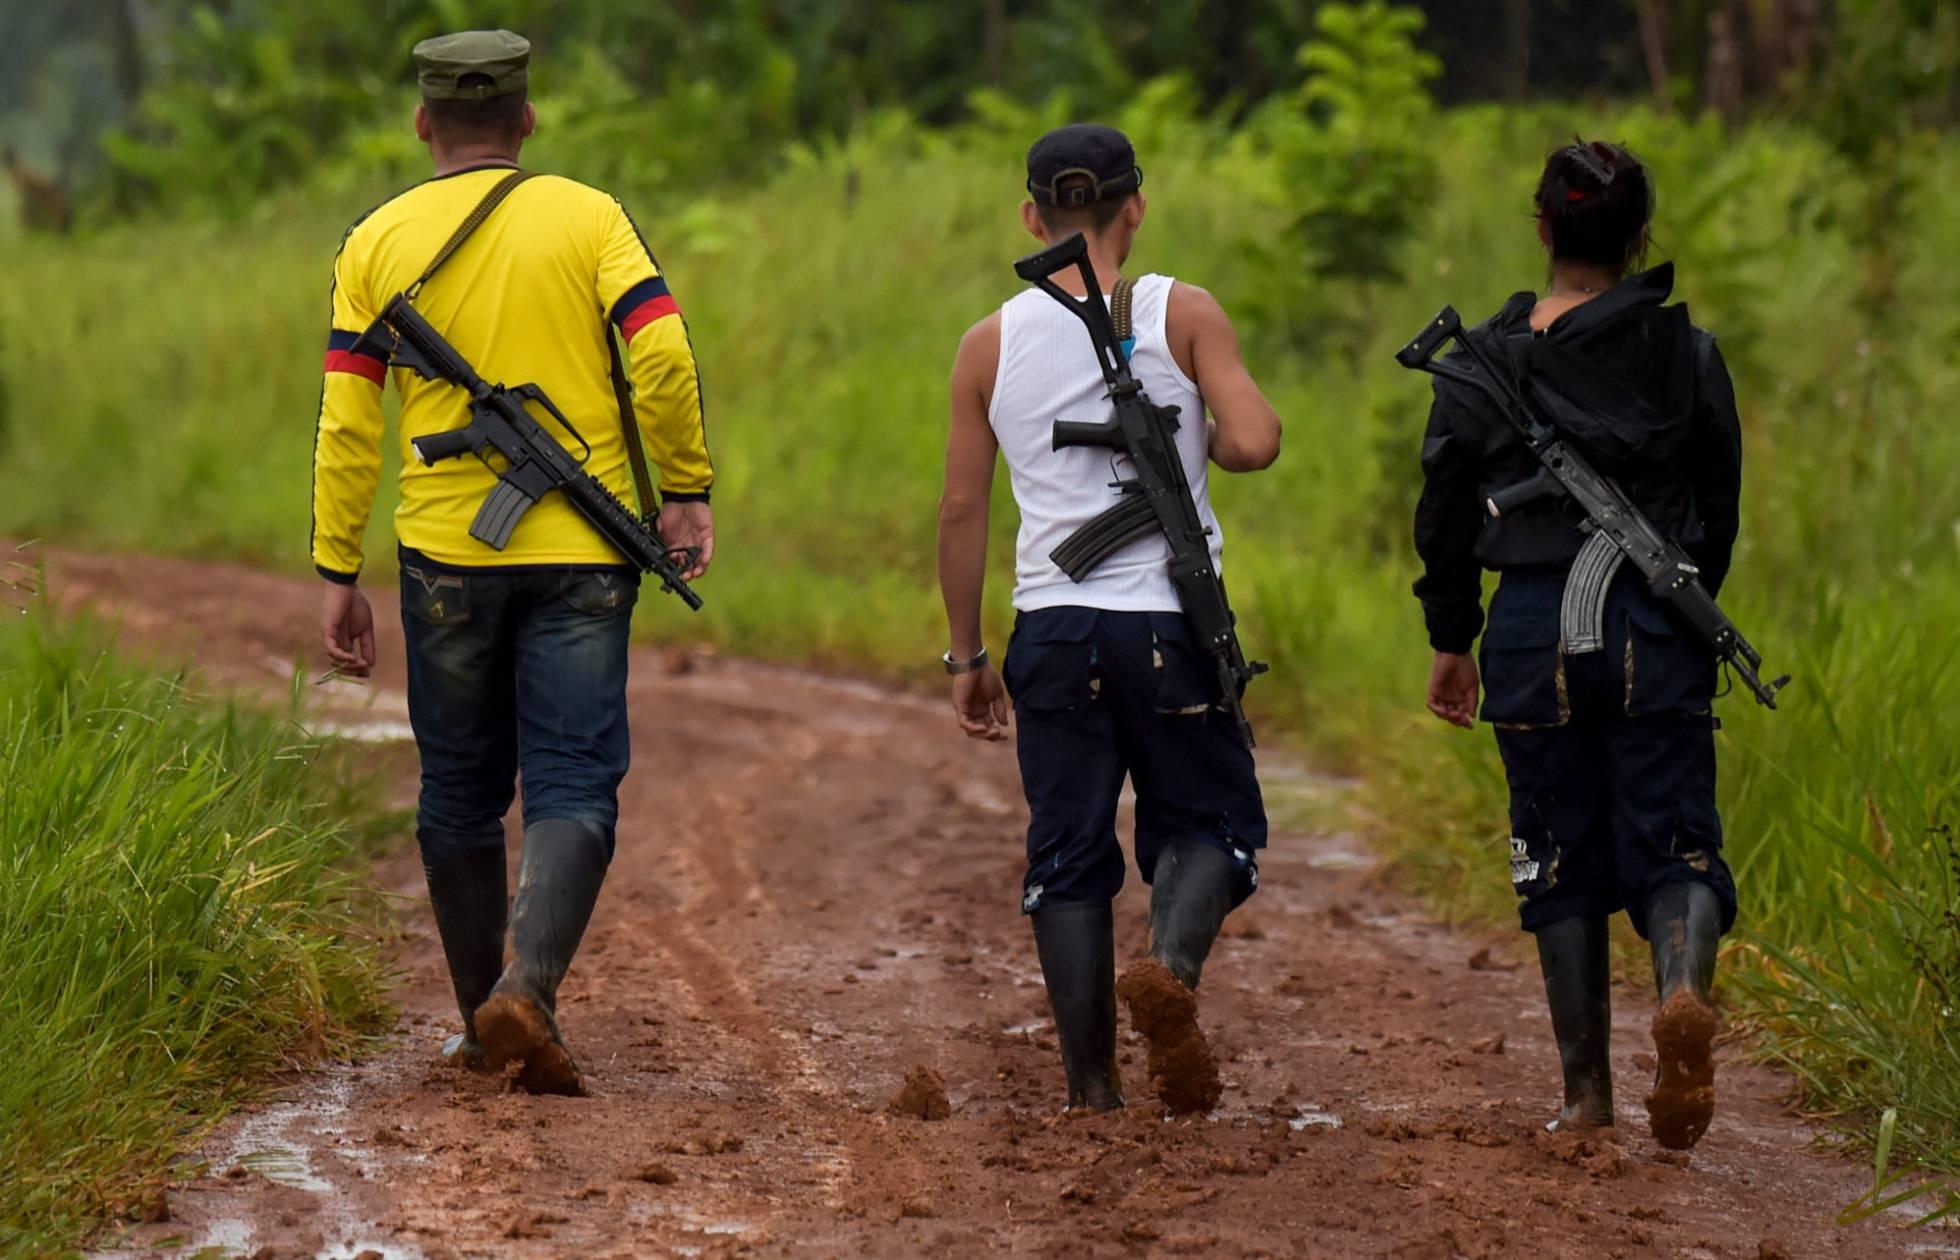 La violencia azota Colombia dos años después de la paz con las FARC